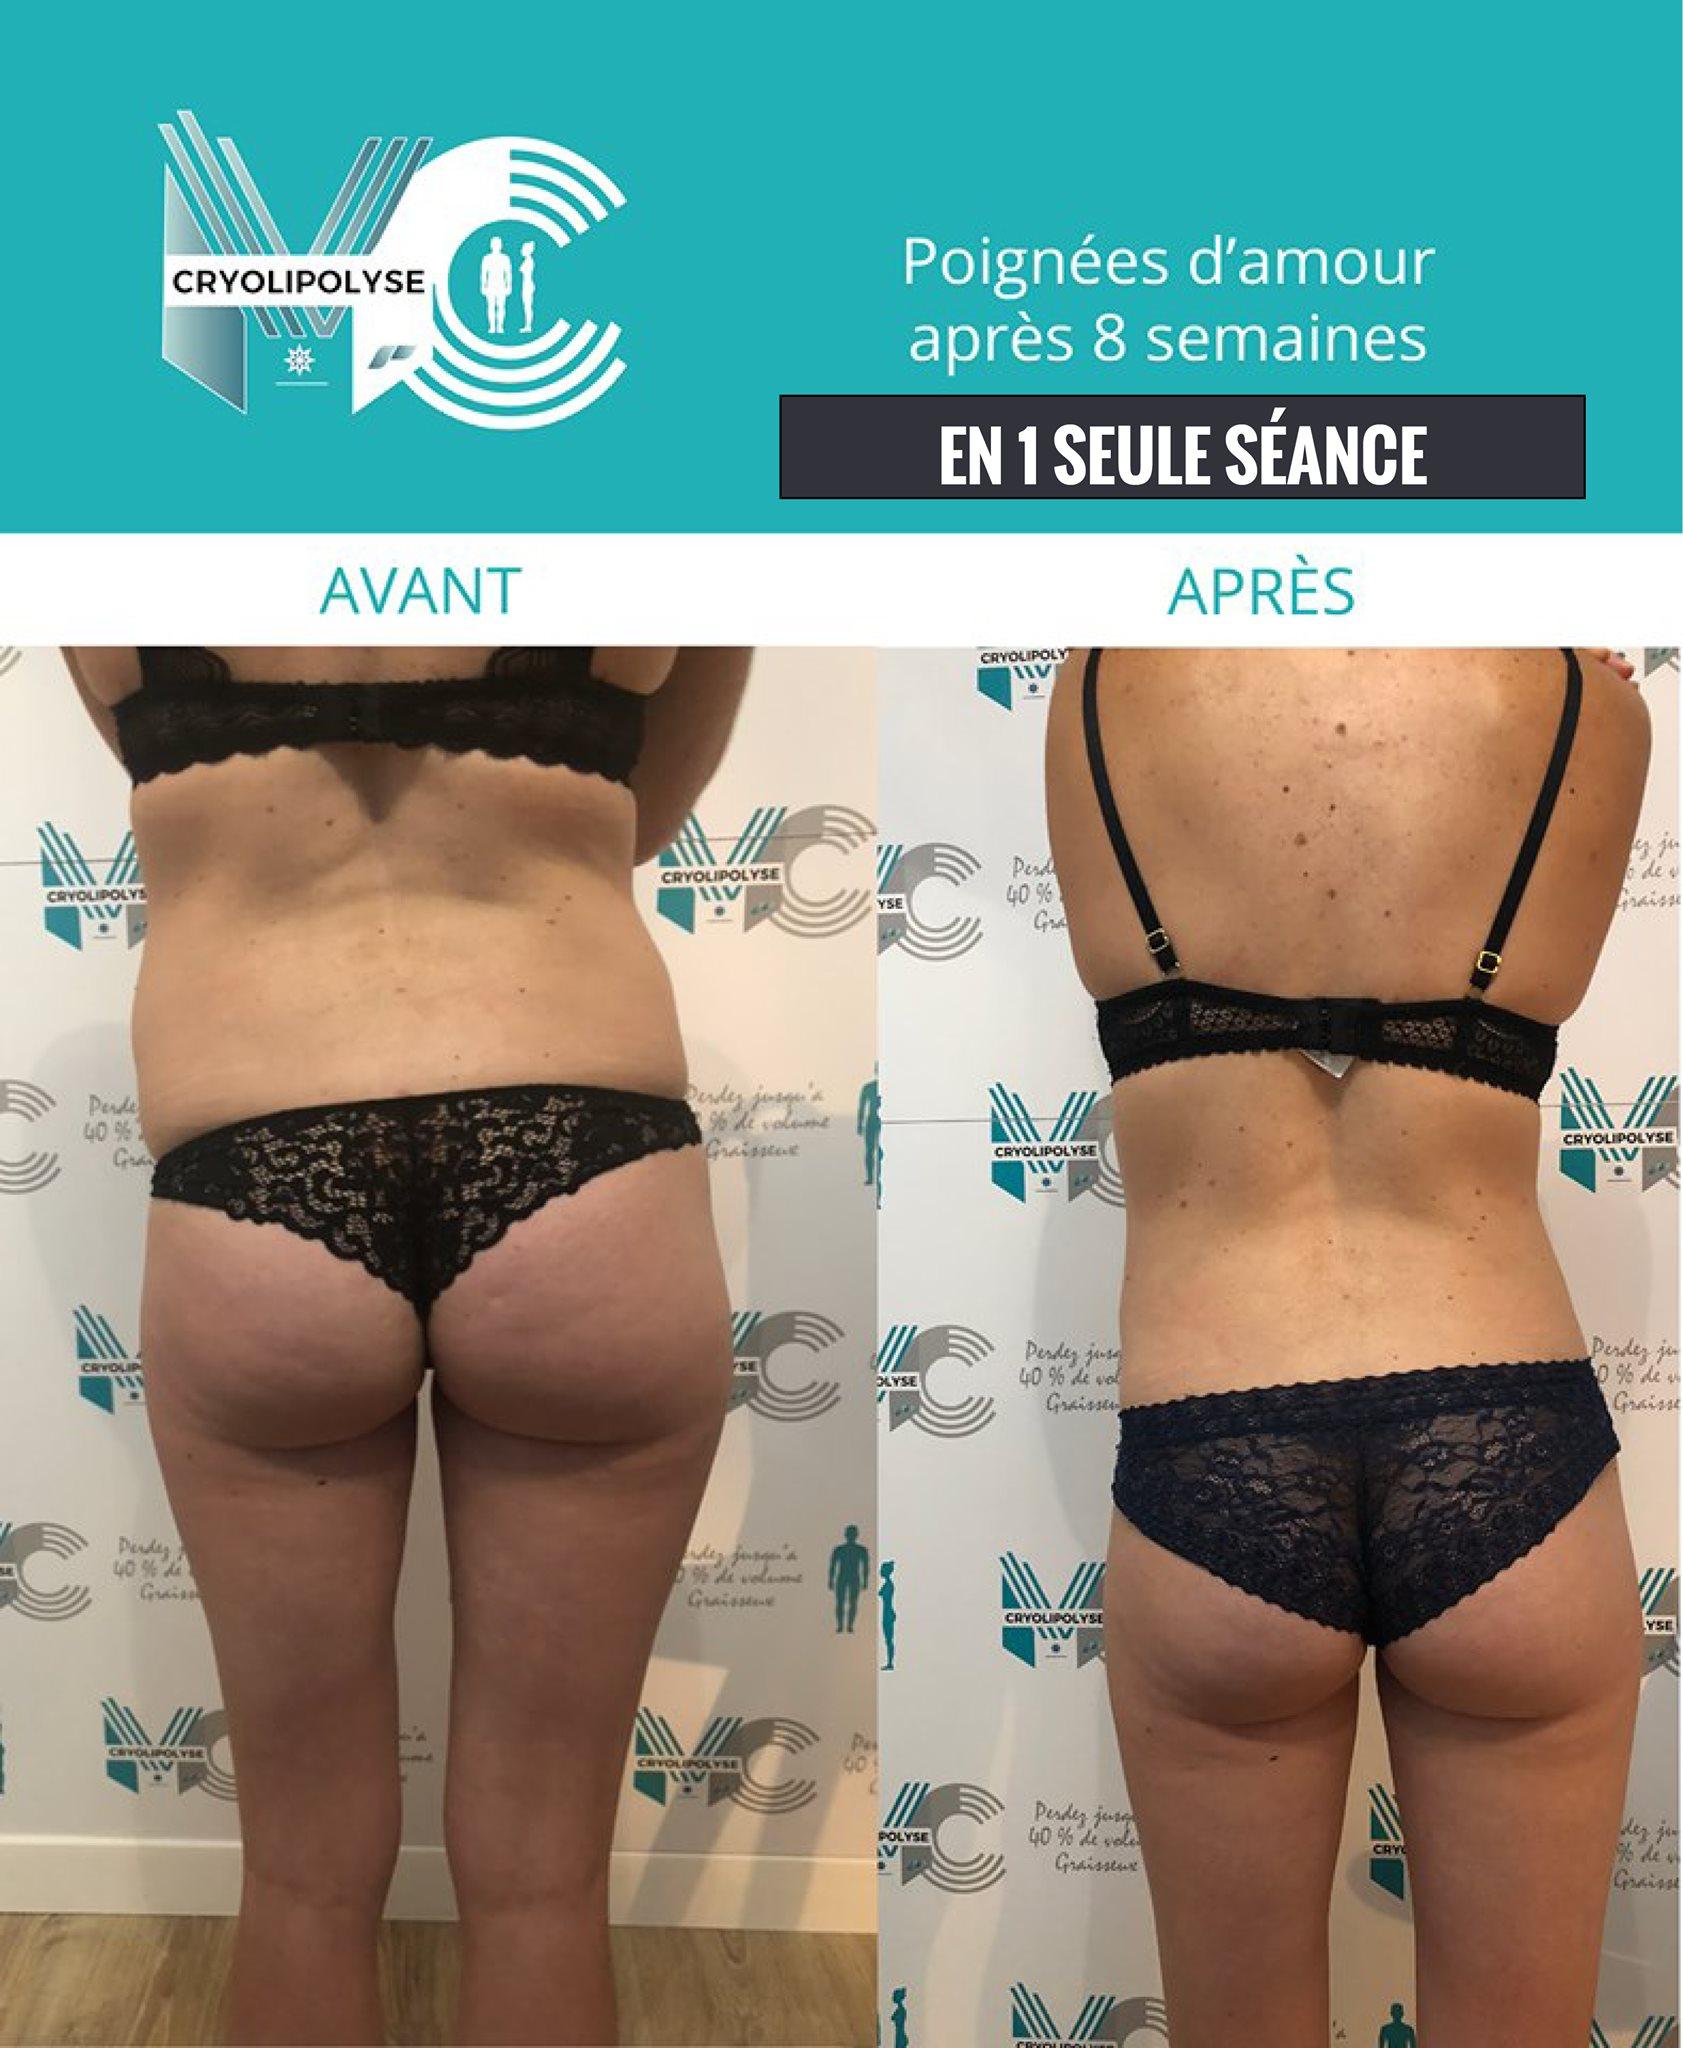 La révolution minceur par le froid dans votre centre MC Cryolipolyse d'Aix-en-Provence : résultat déjà visible en 1 seule séance !